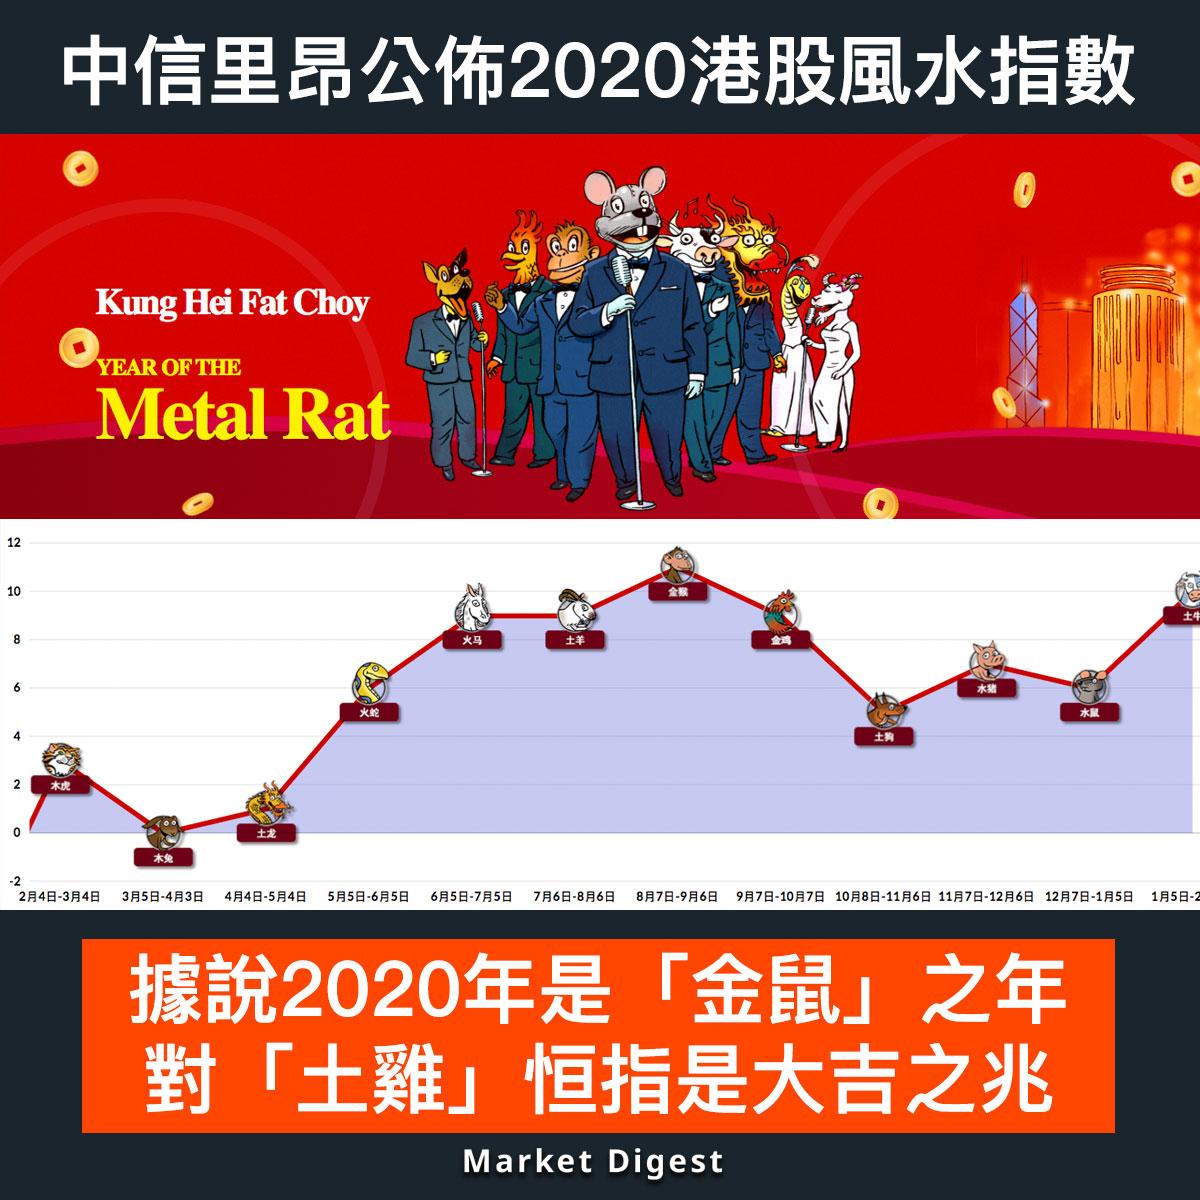 【市場熱話】中信里昂公佈2020港股風水指數:金鼠年對恒指是大吉之年